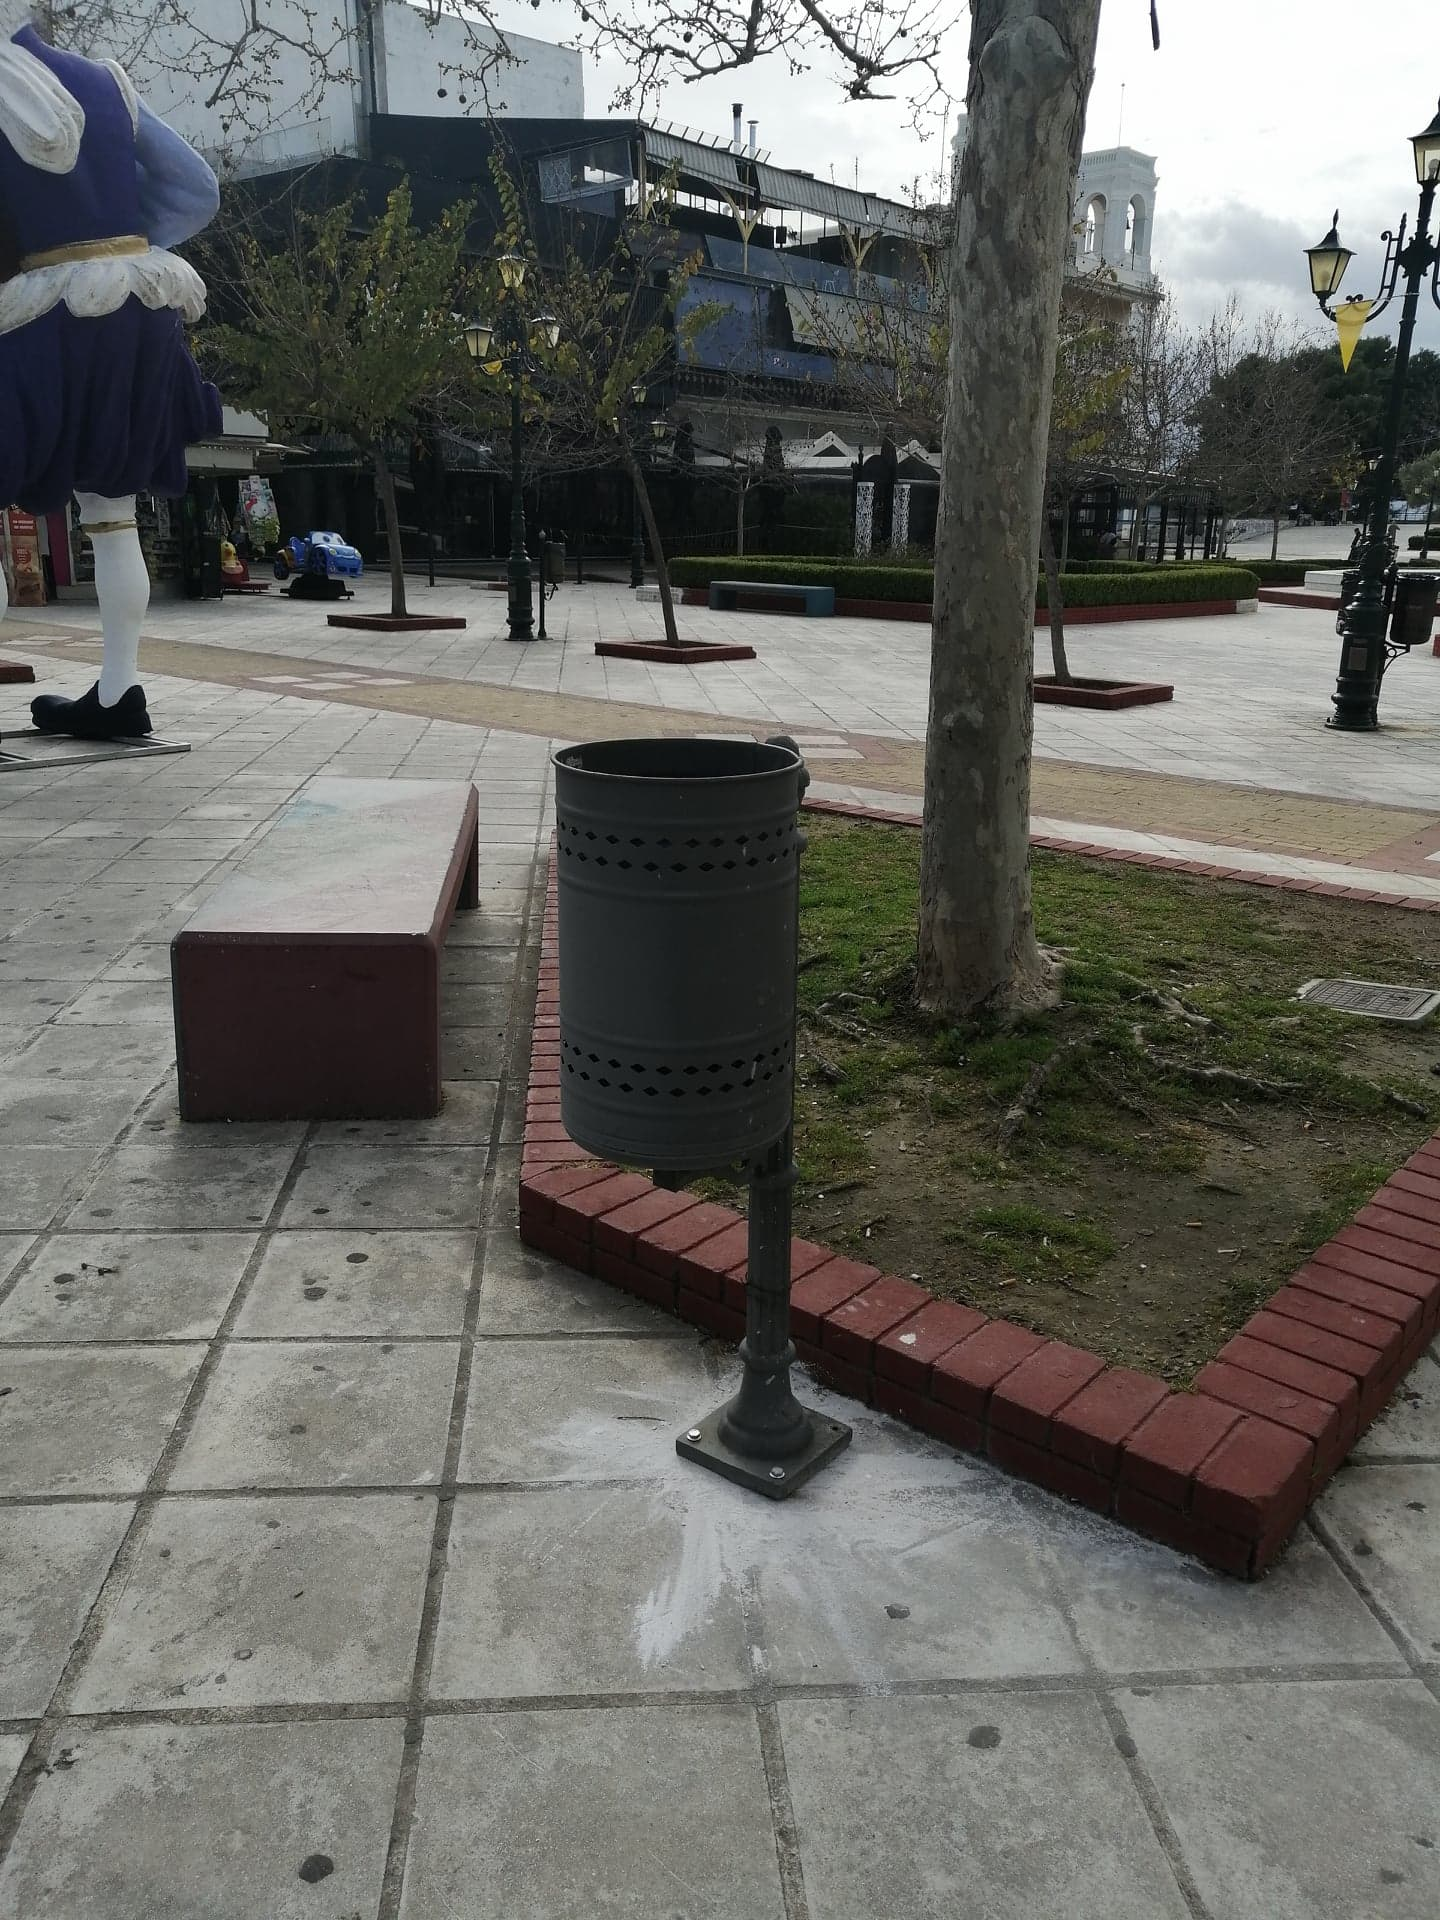 Δήμος Πύργου: Τοποθετήθηκαν καινούργια καλαθάκια απορριμμάτων στην κεντρική πλατεία